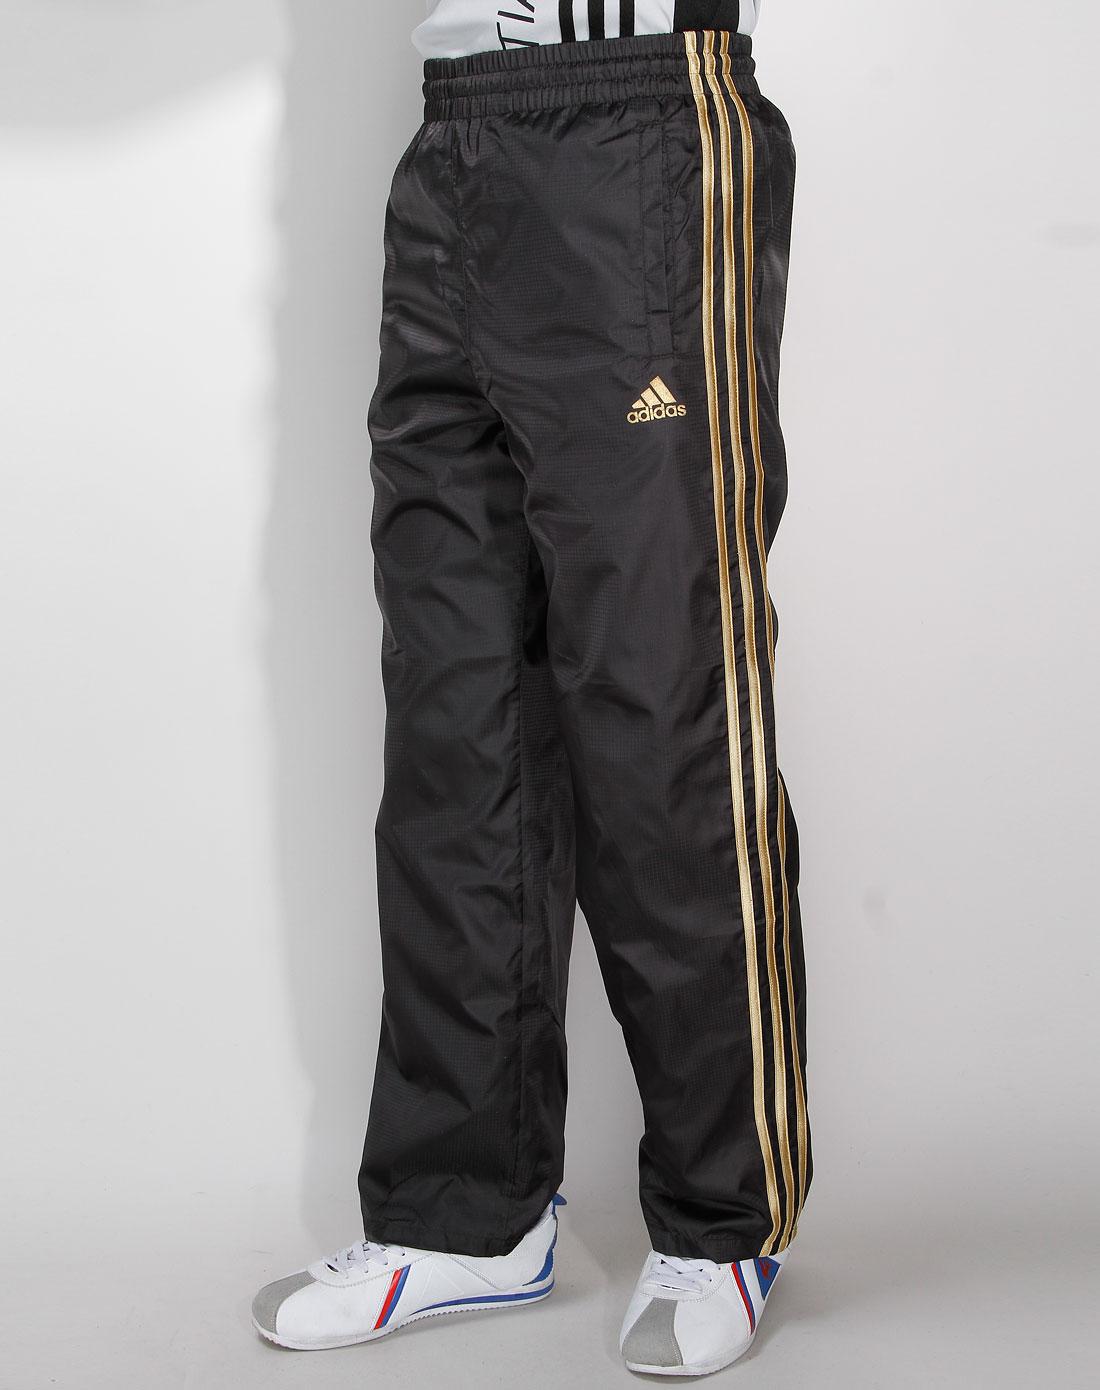 阿迪达斯adidas男装专场-男款黑/金色边运动长裤